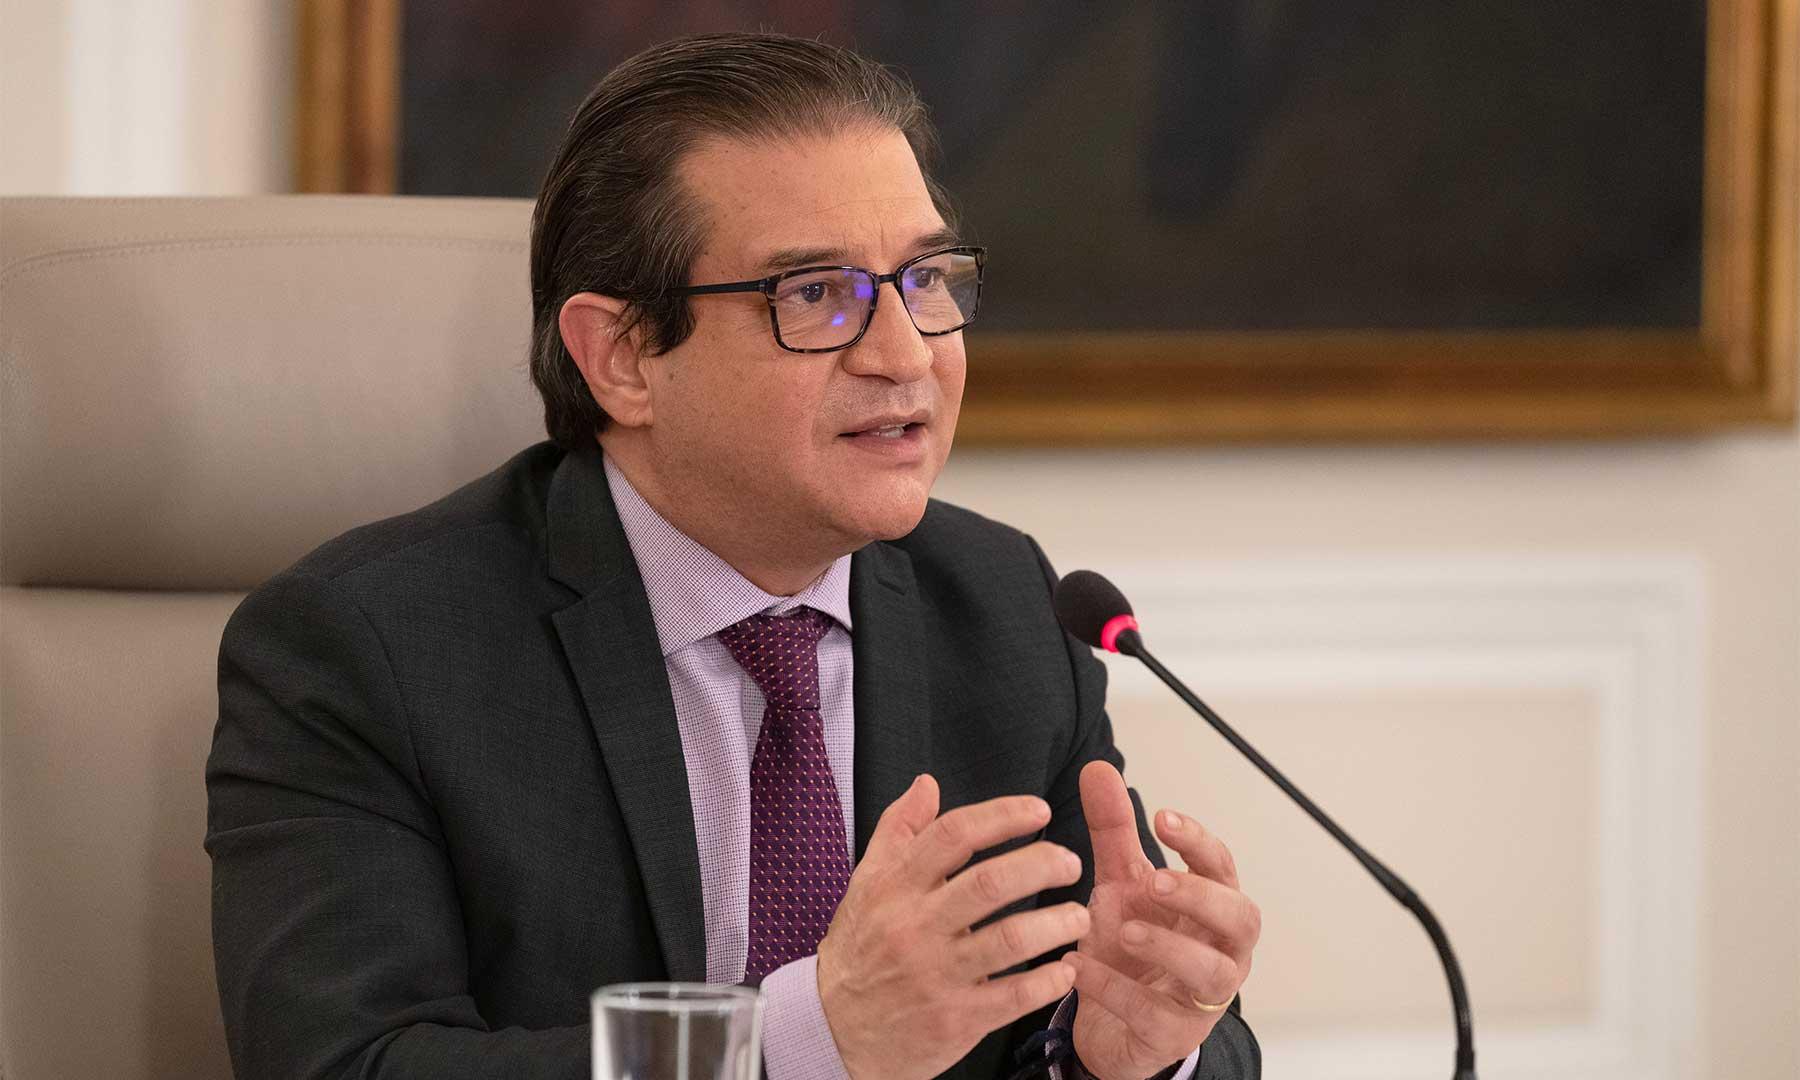 Ministro de Agricultura, Rodolfo Zea, créditos, $1.4 billones, apoyar, productores, campo.